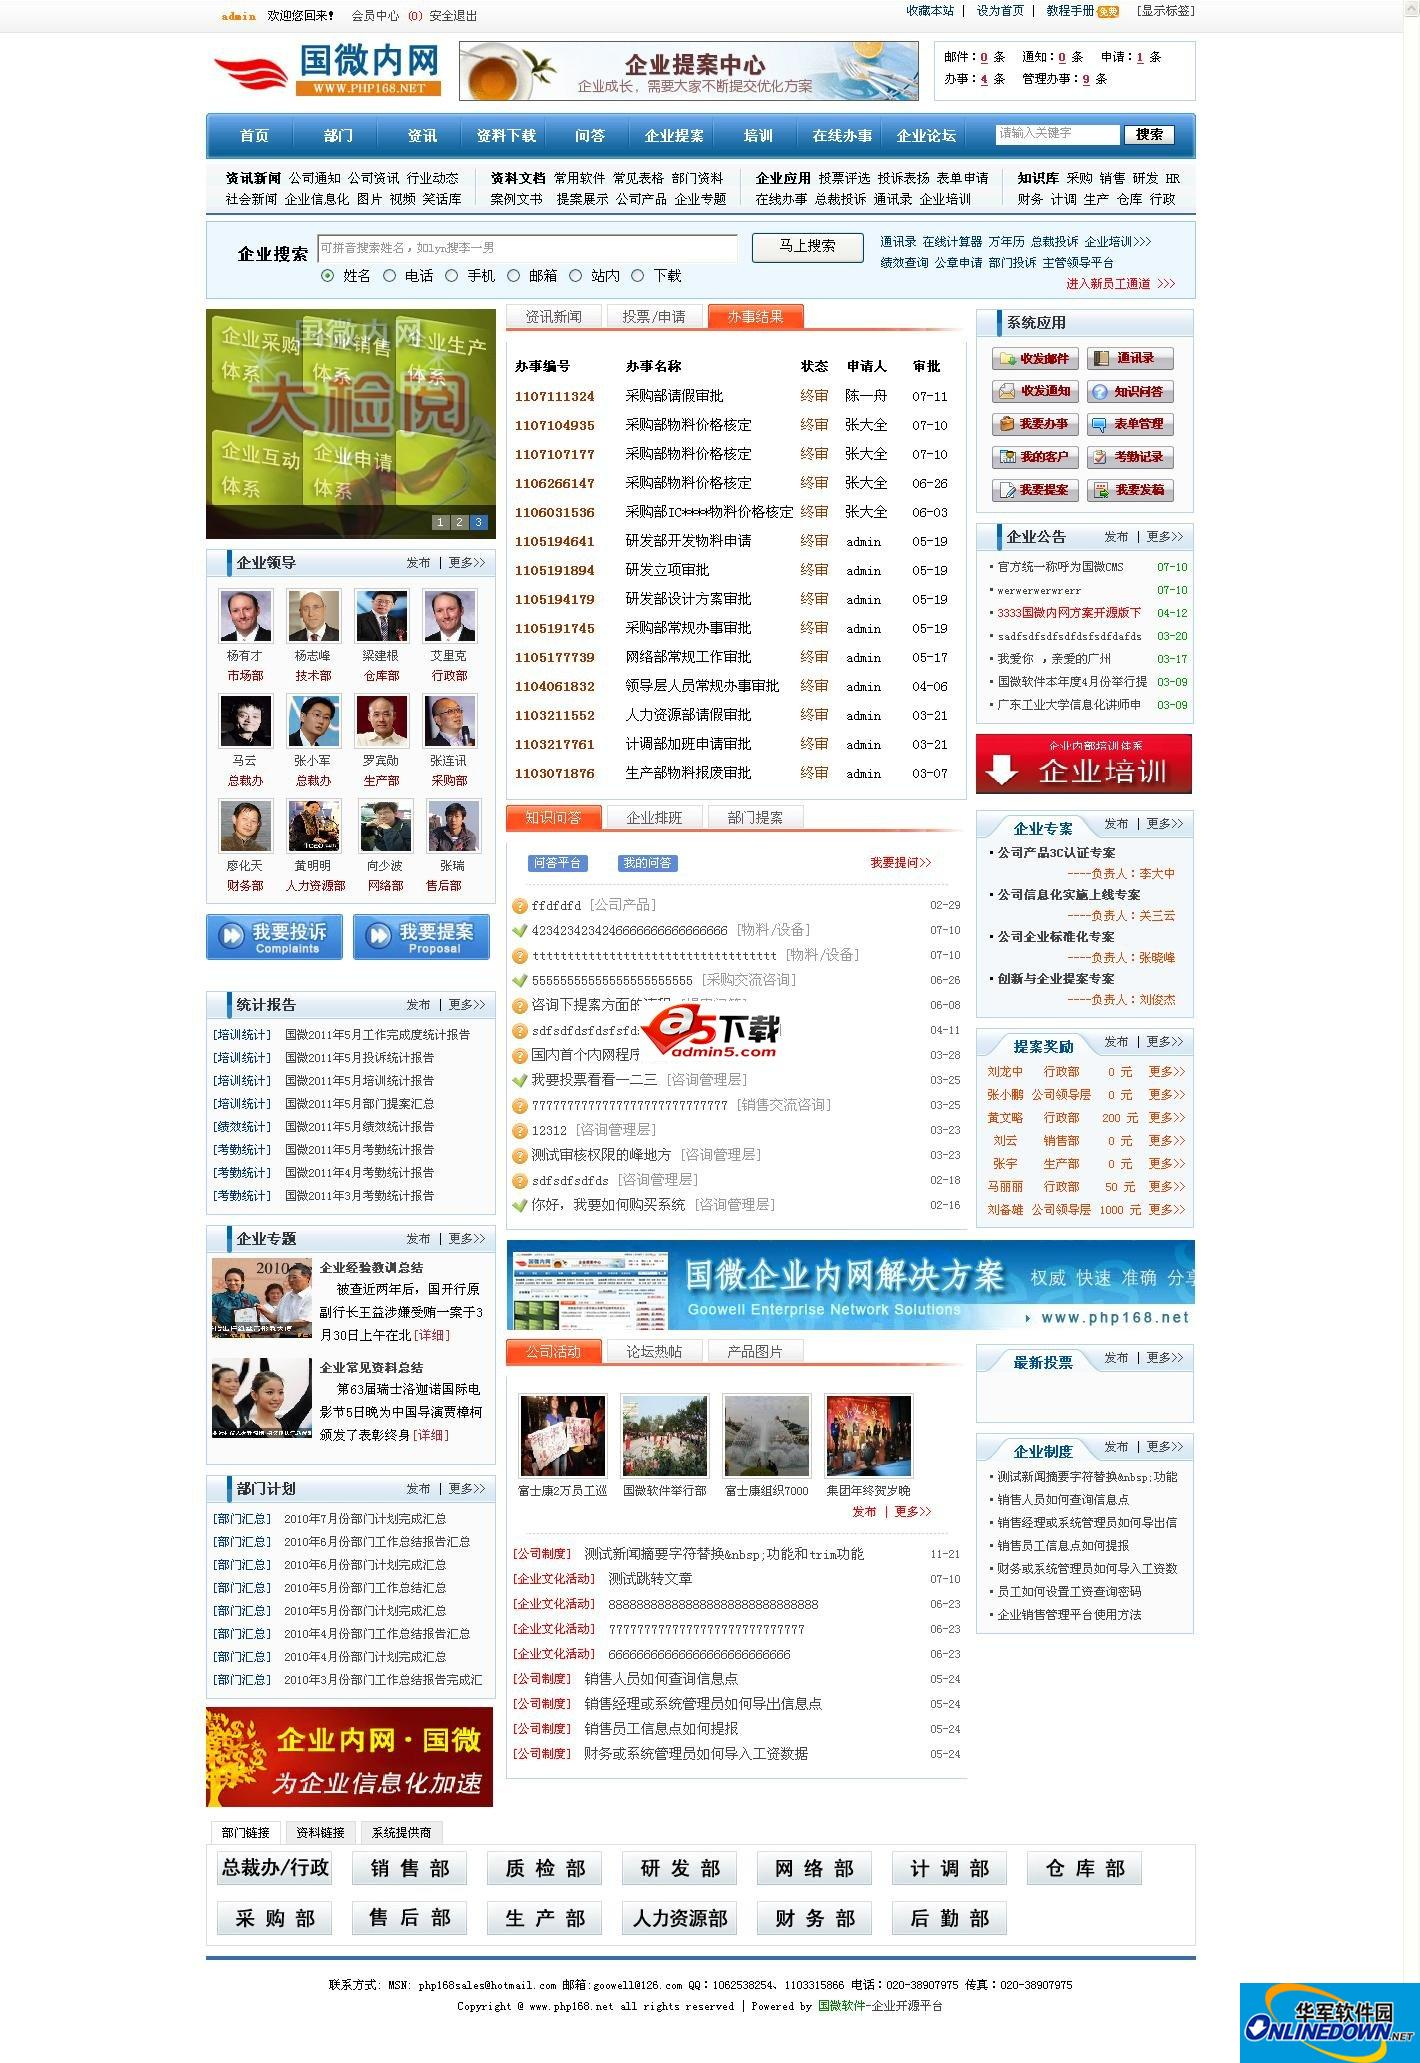 国微内网方案(PHP168 S系列)  2012版 GBK